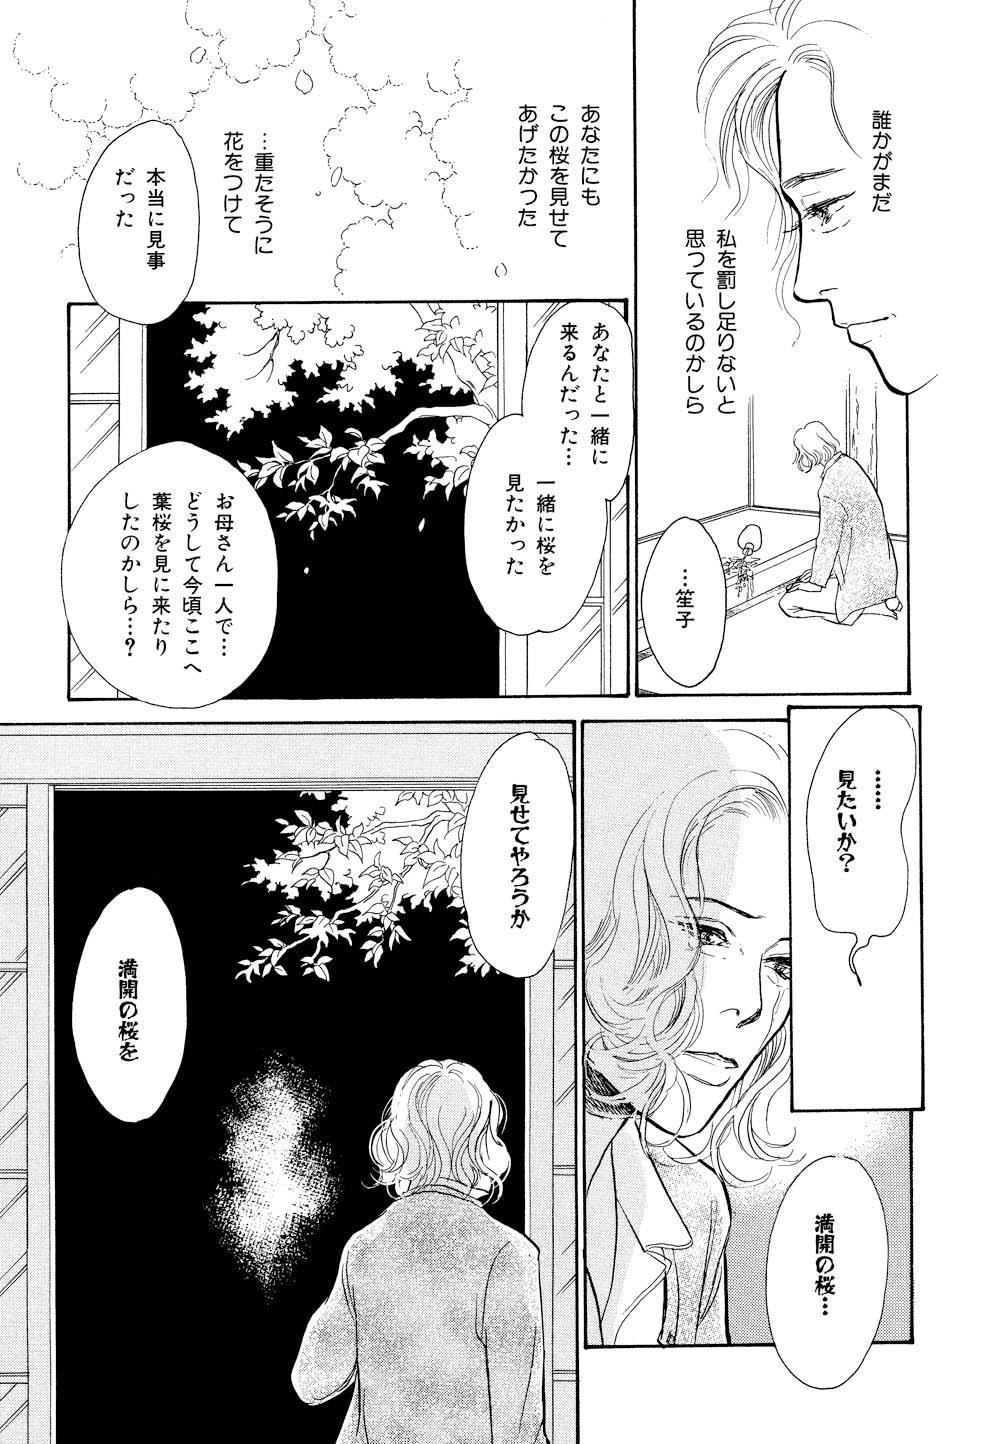 百鬼夜行抄_09_0143.jpg